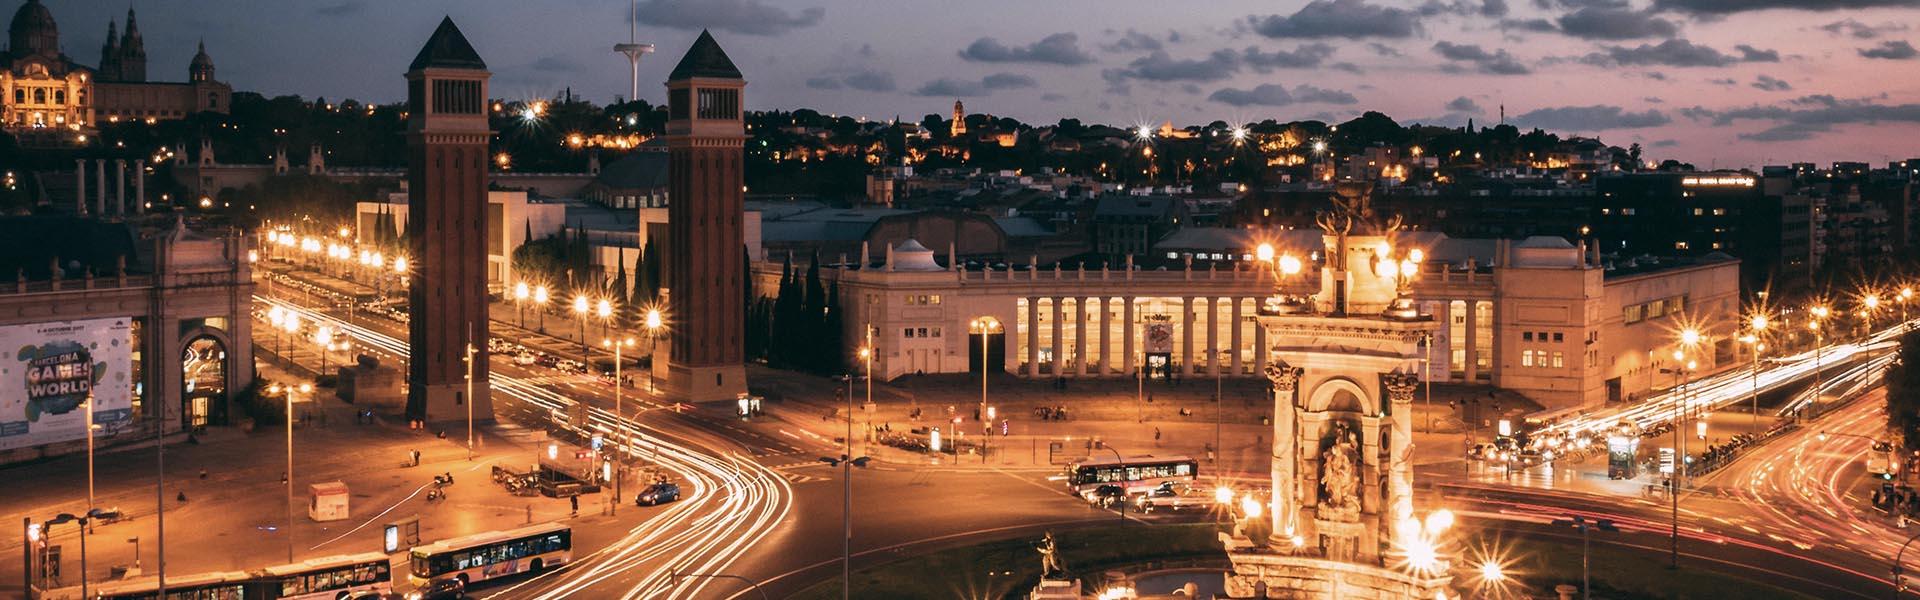 Vista nocturna de la Plaça Espanya a Barcelona